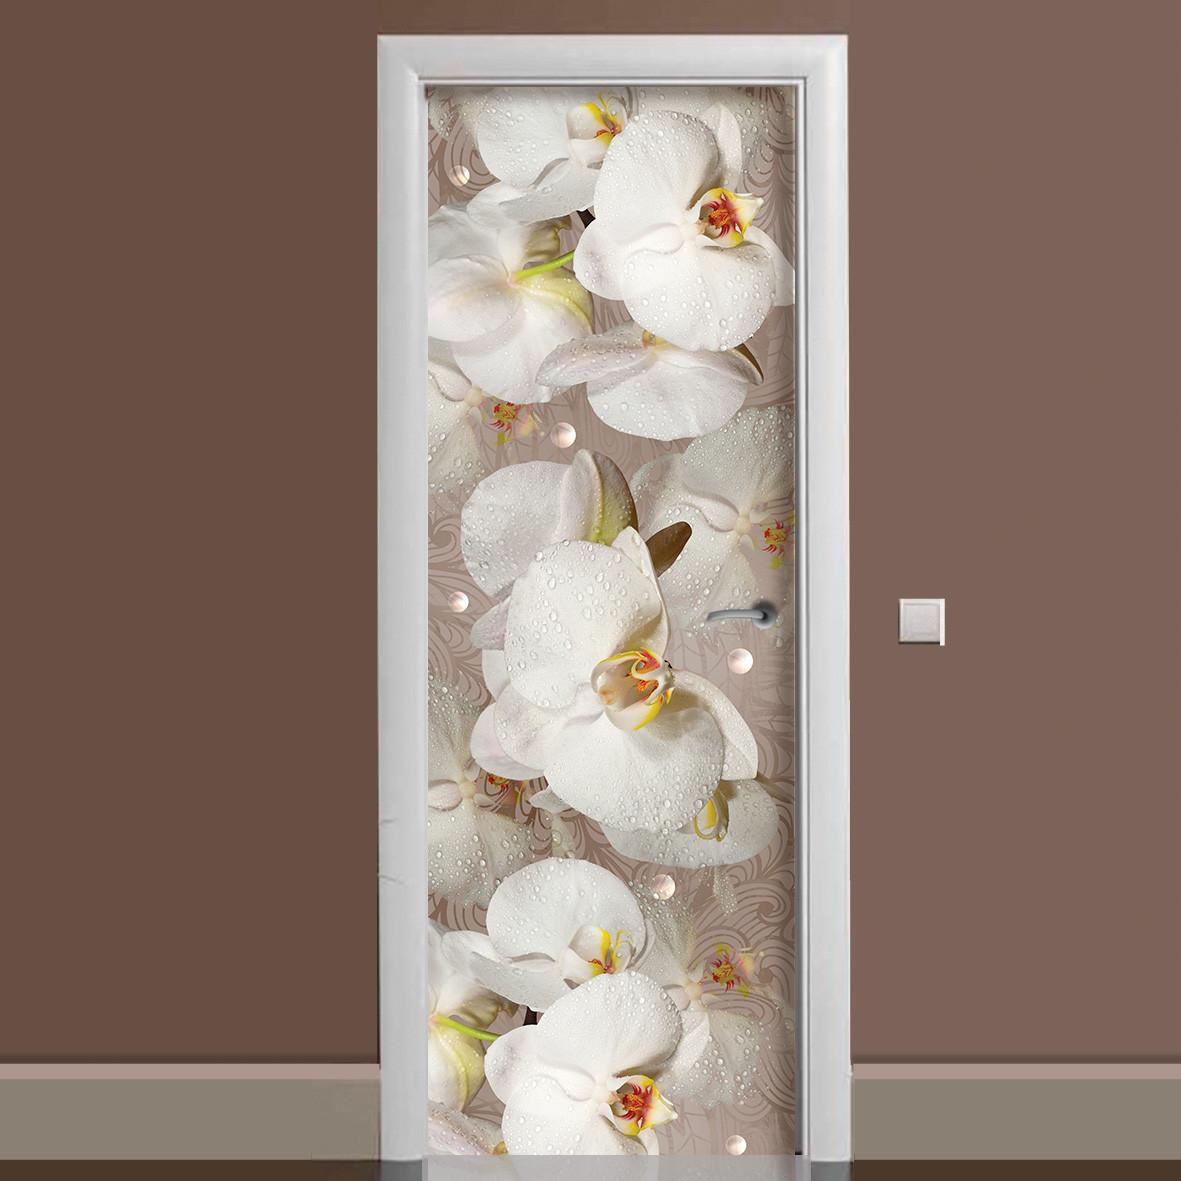 Виниловая наклейка на дверь Орхидея и капли росы ламинированная двойная пленка фотопечать цветы белые